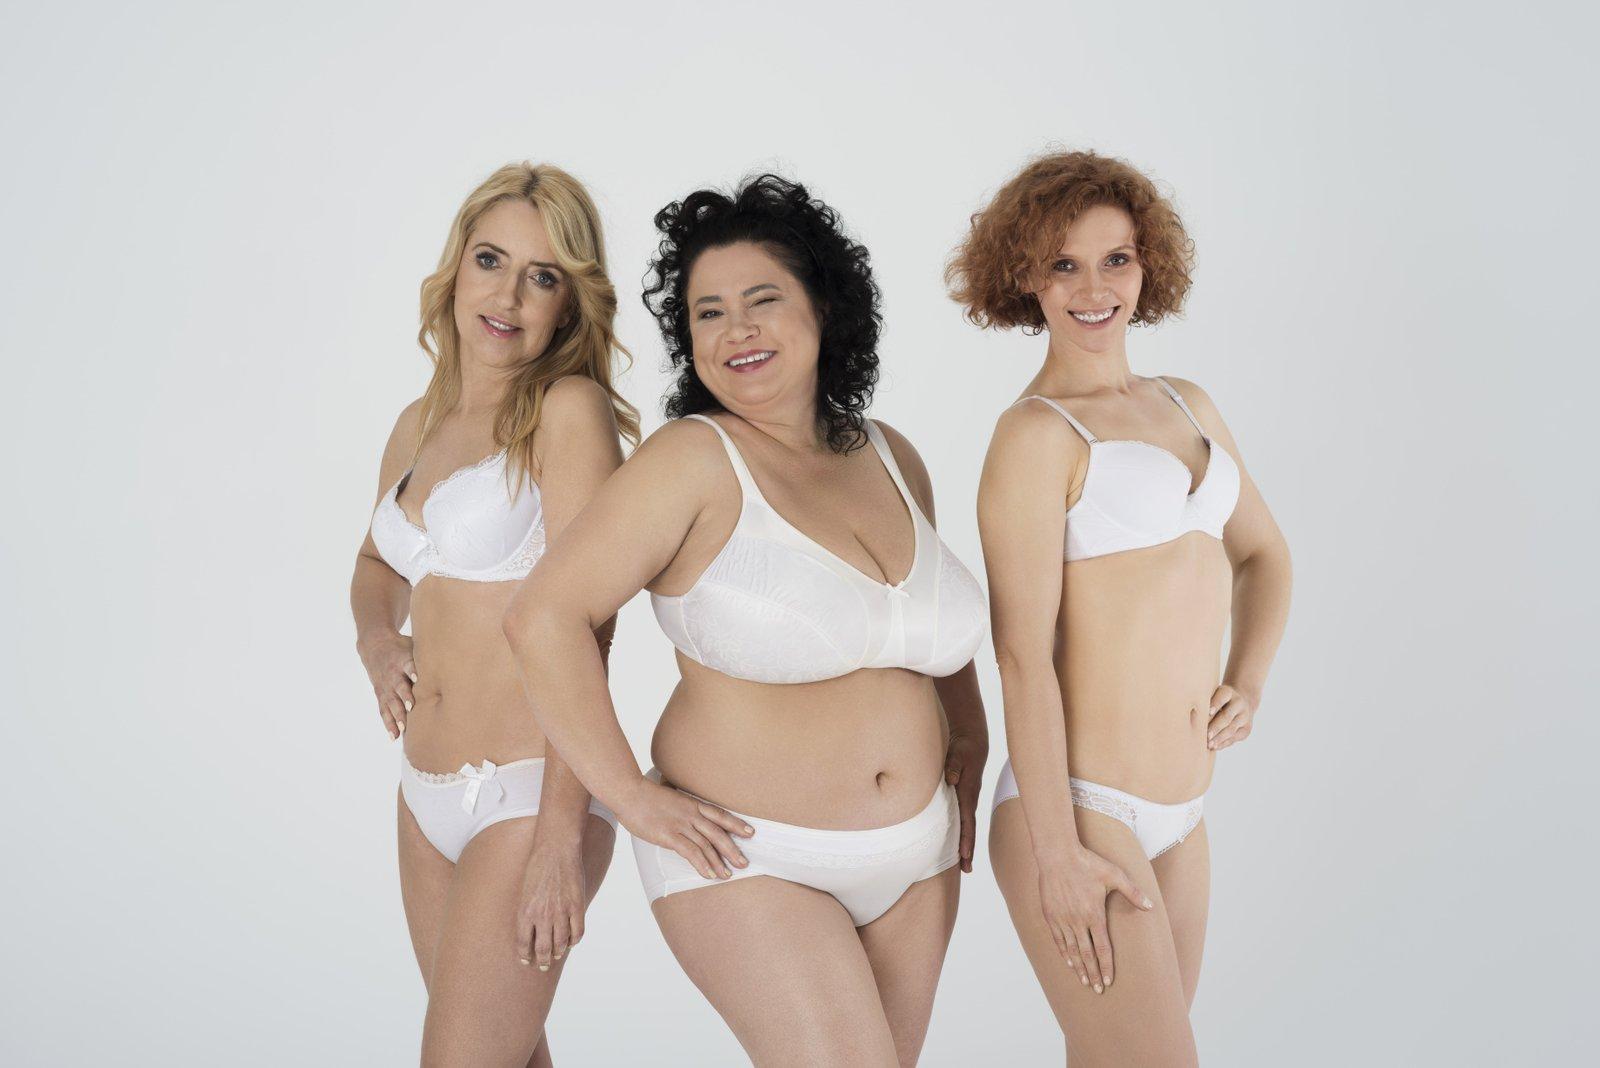 O sutiã ideal para cada tipo de corpo - Zigg Brasil Aviamentos